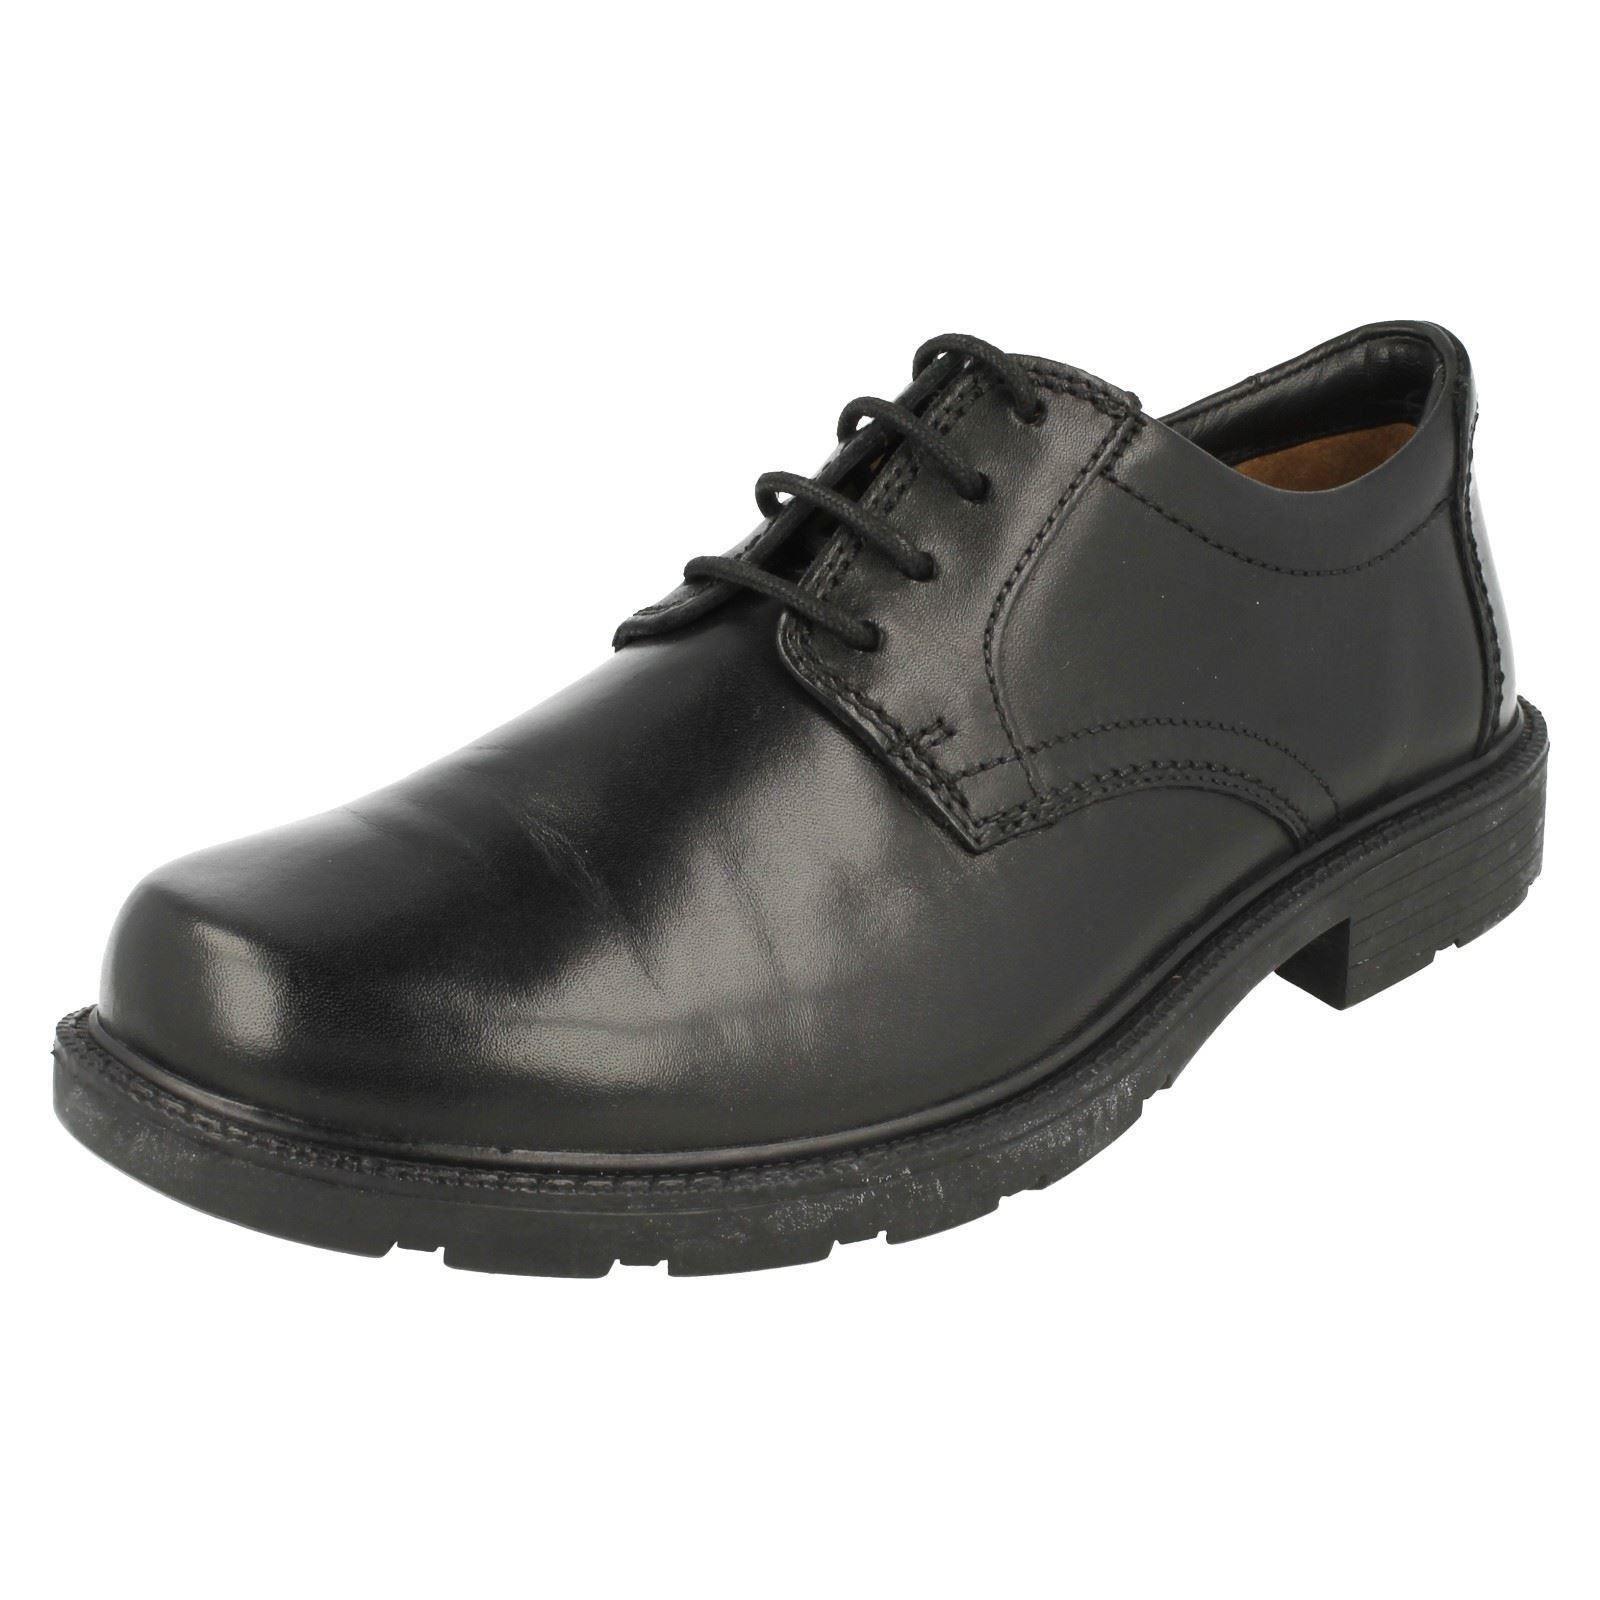 Yaojiaju Mocassins en Cuir pour Hommes, Classic Men's Shoes Mocassins à Semelle Plate en Cuir Véritable (Perforation en Option) (Couleur : Black, Size : 42 EU)